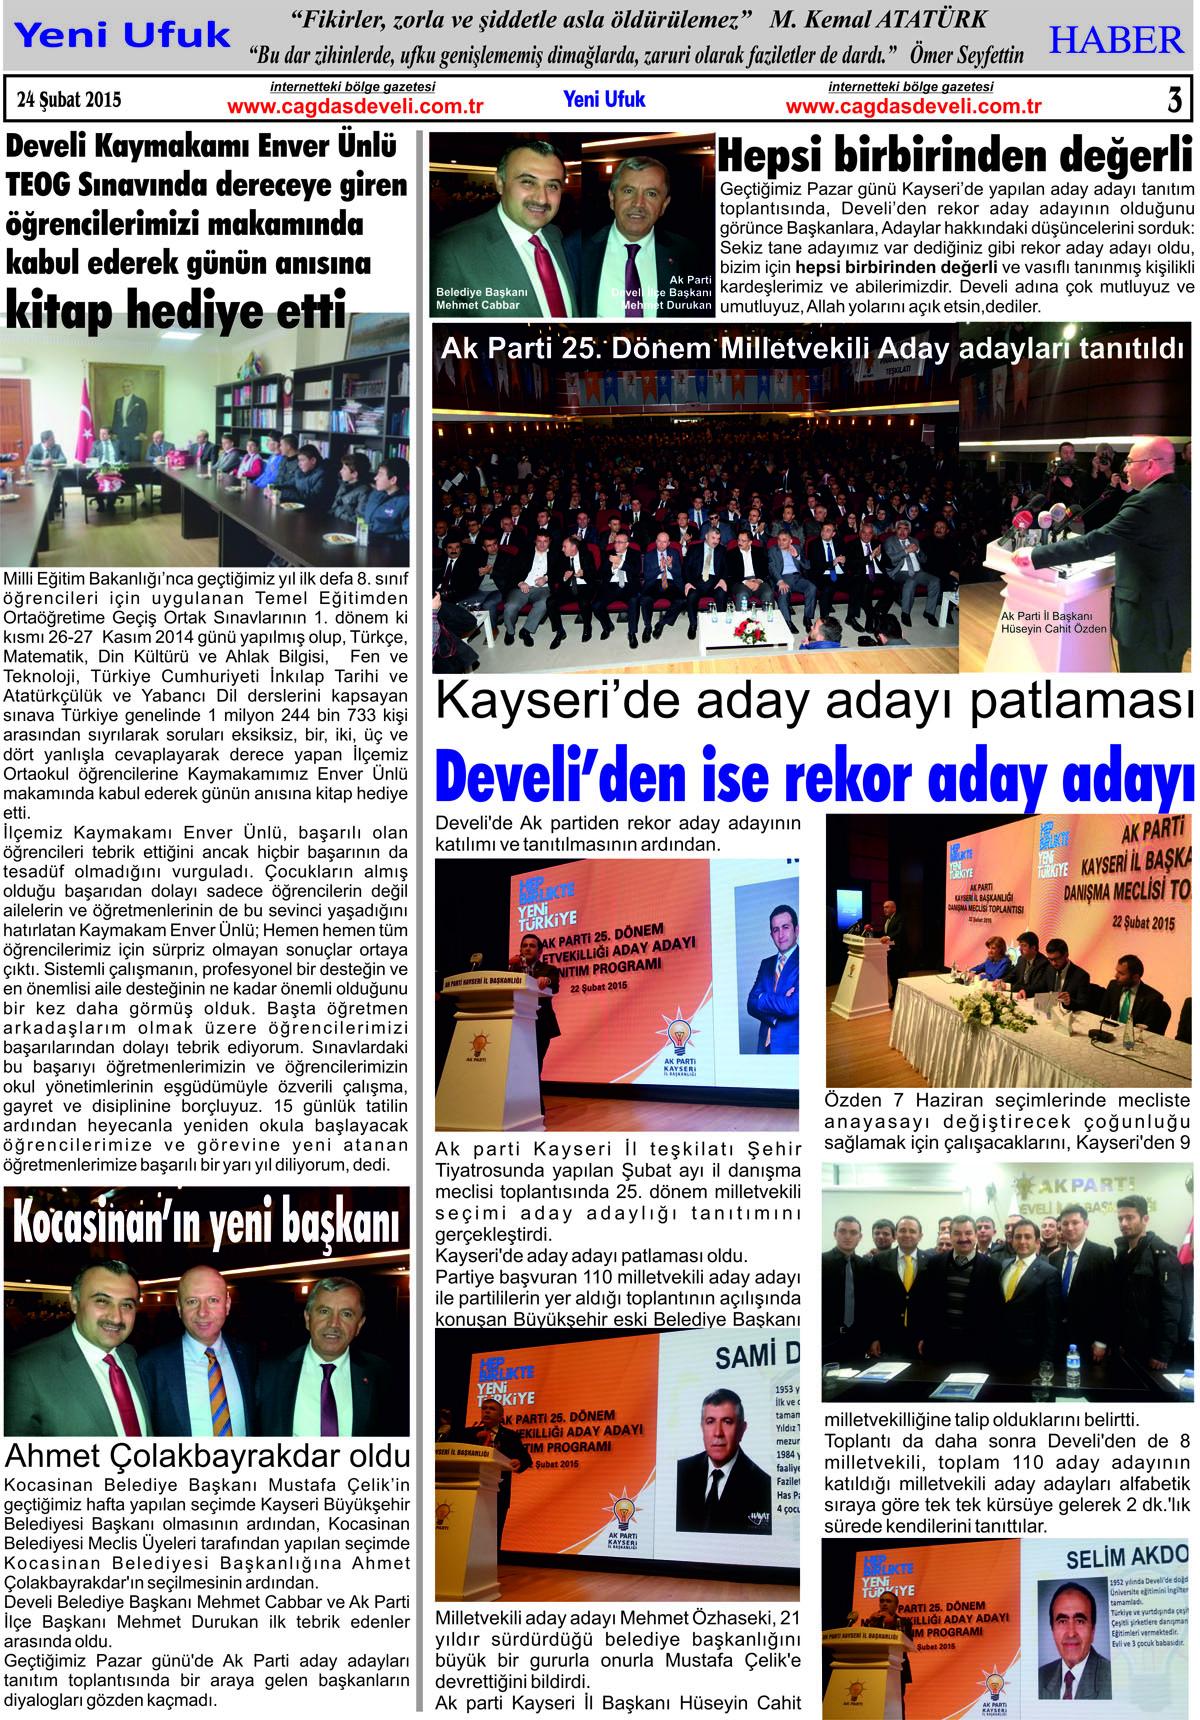 Yeni Ufuk Bölge Gazetesi, 24 Şubat 2015, Sayfa 3